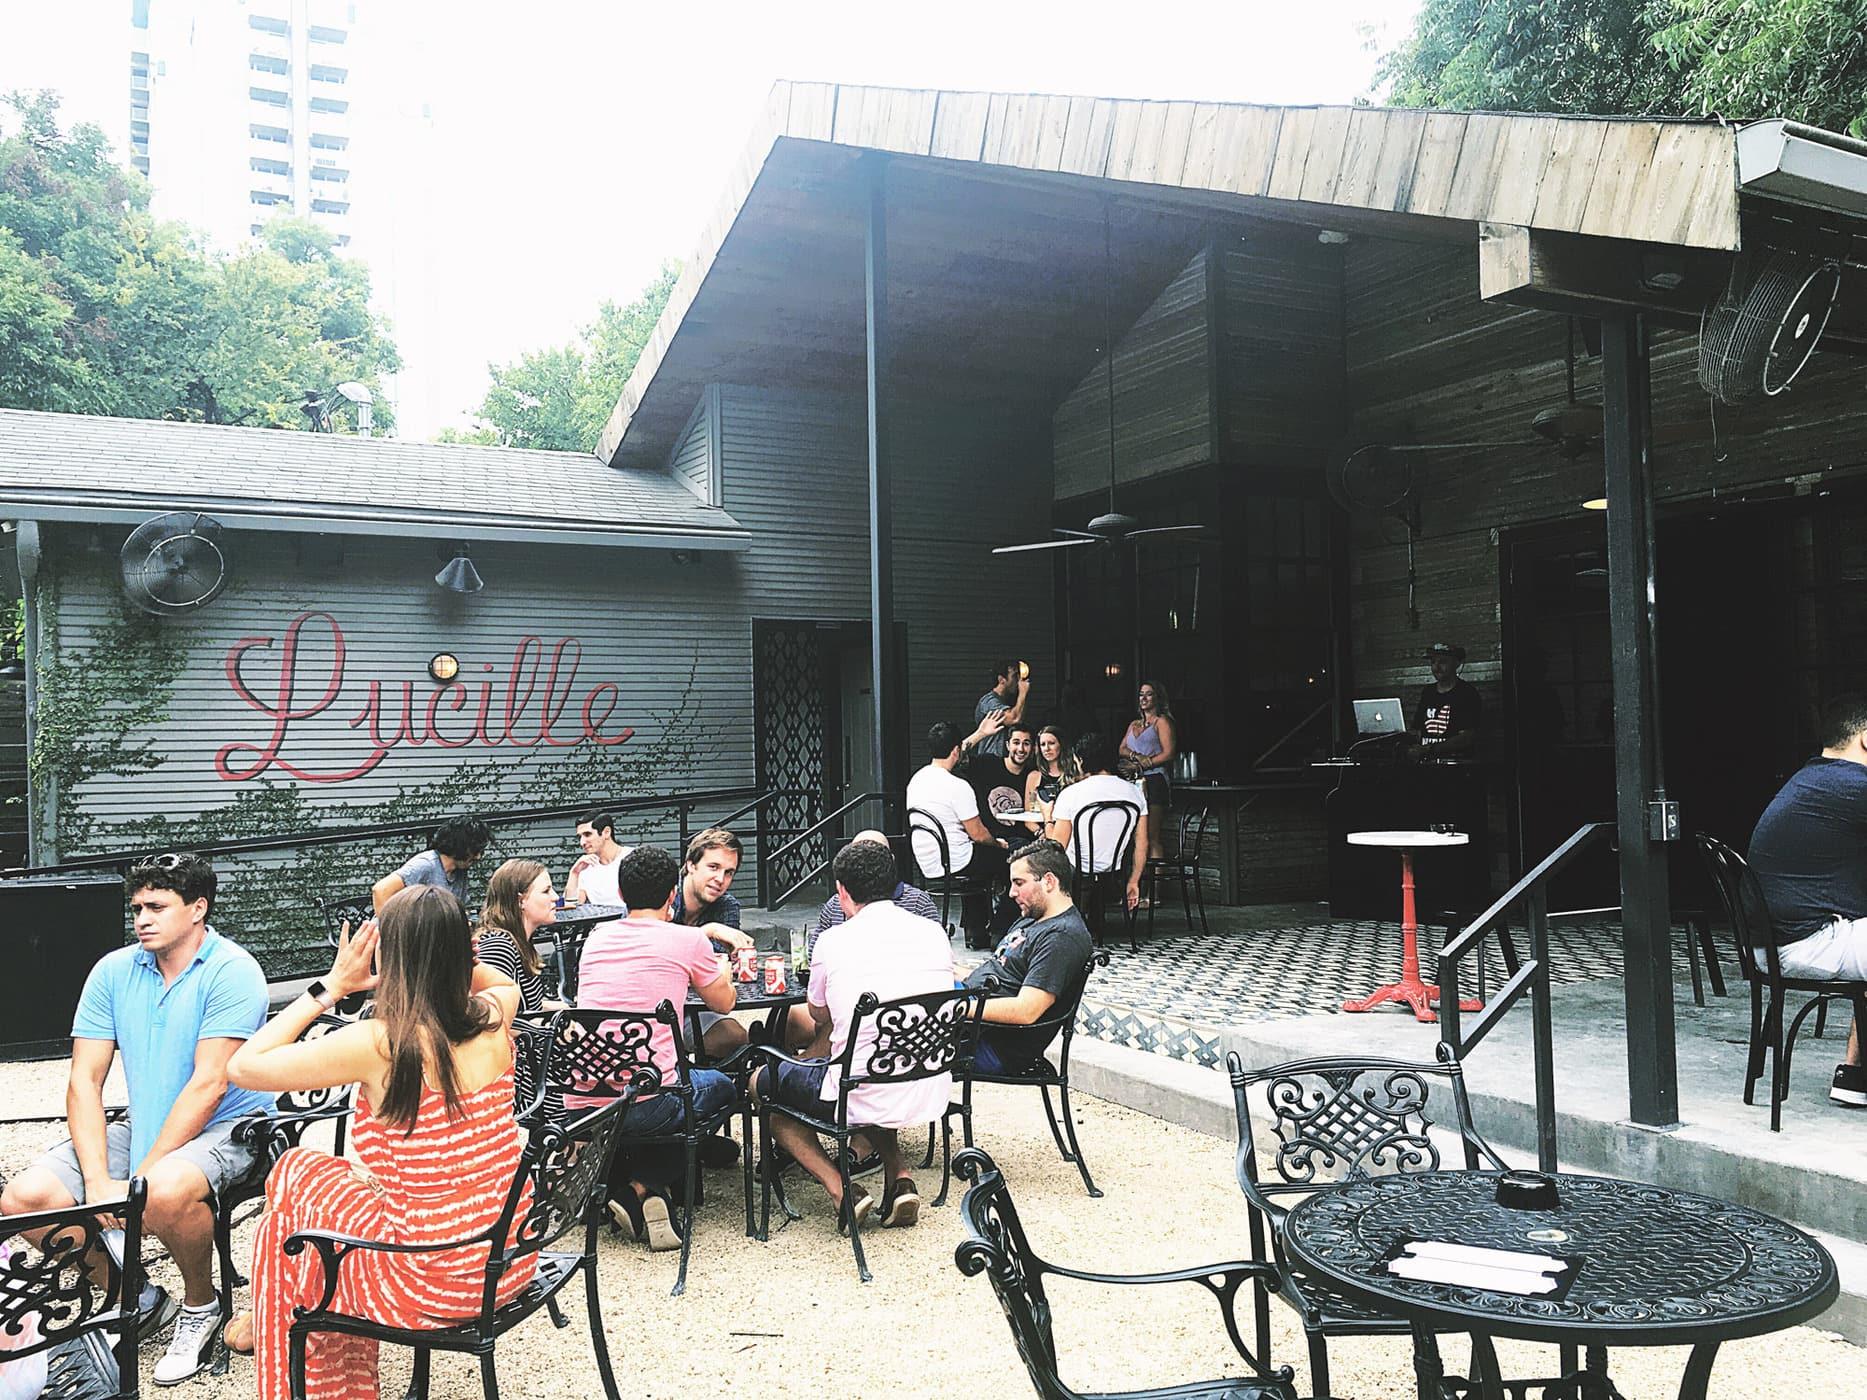 Lucille on Rainey Street in Austin, Texas.